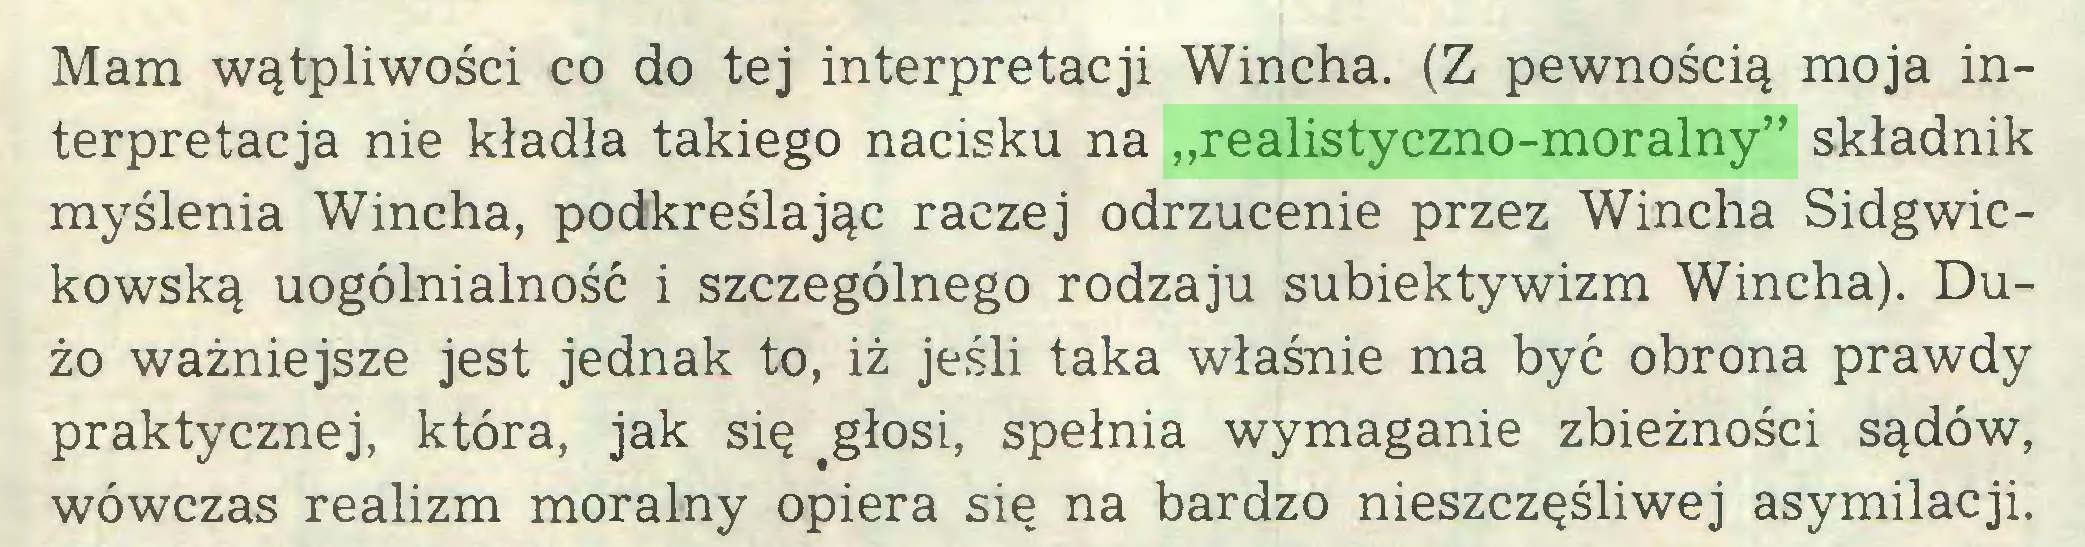 """(...) Mam wątpliwości co do tej interpretacji Wincha. (Z pewnością moja interpretacja nie kładła takiego nacisku na """"realistyczno-moralny"""" składnik myślenia Wincha, podkreślając raczej odrzucenie przez Wincha Sidgwickowską uogólnialność i szczególnego rodzaju subiektywizm Wincha). Dużo ważniejsze jest jednak to, iż jeśli taka właśnie ma być obrona prawdy praktycznej, która, jak się fgłosi, spełnia wymaganie zbieżności sądów, wówczas realizm moralny opiera się na bardzo nieszczęśliwej asymilacji..."""